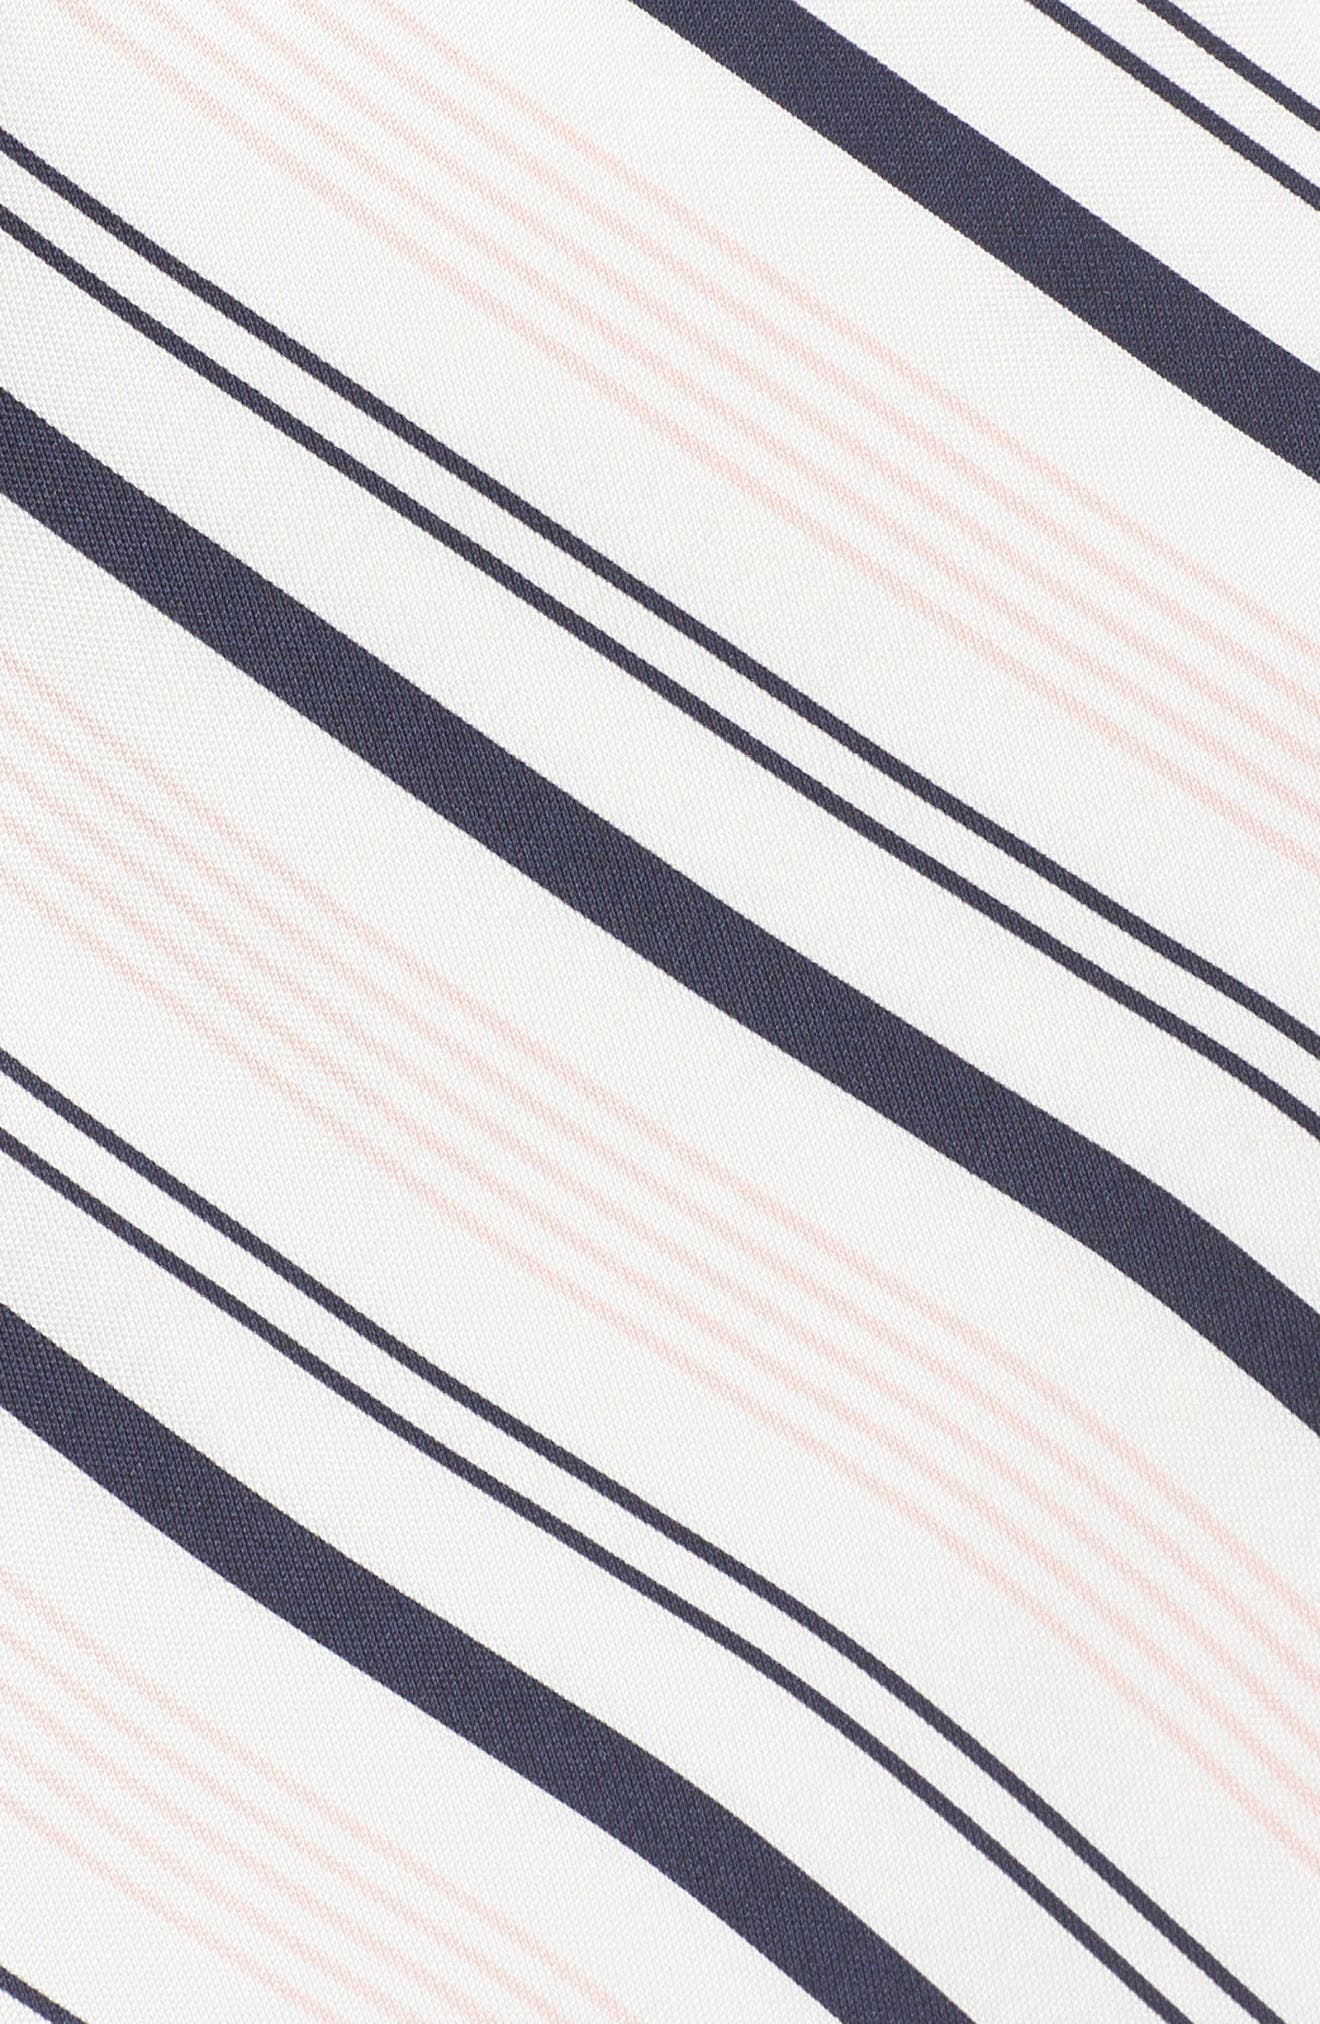 Mix Stripe Asymmetrical Dress,                             Alternate thumbnail 5, color,                             100